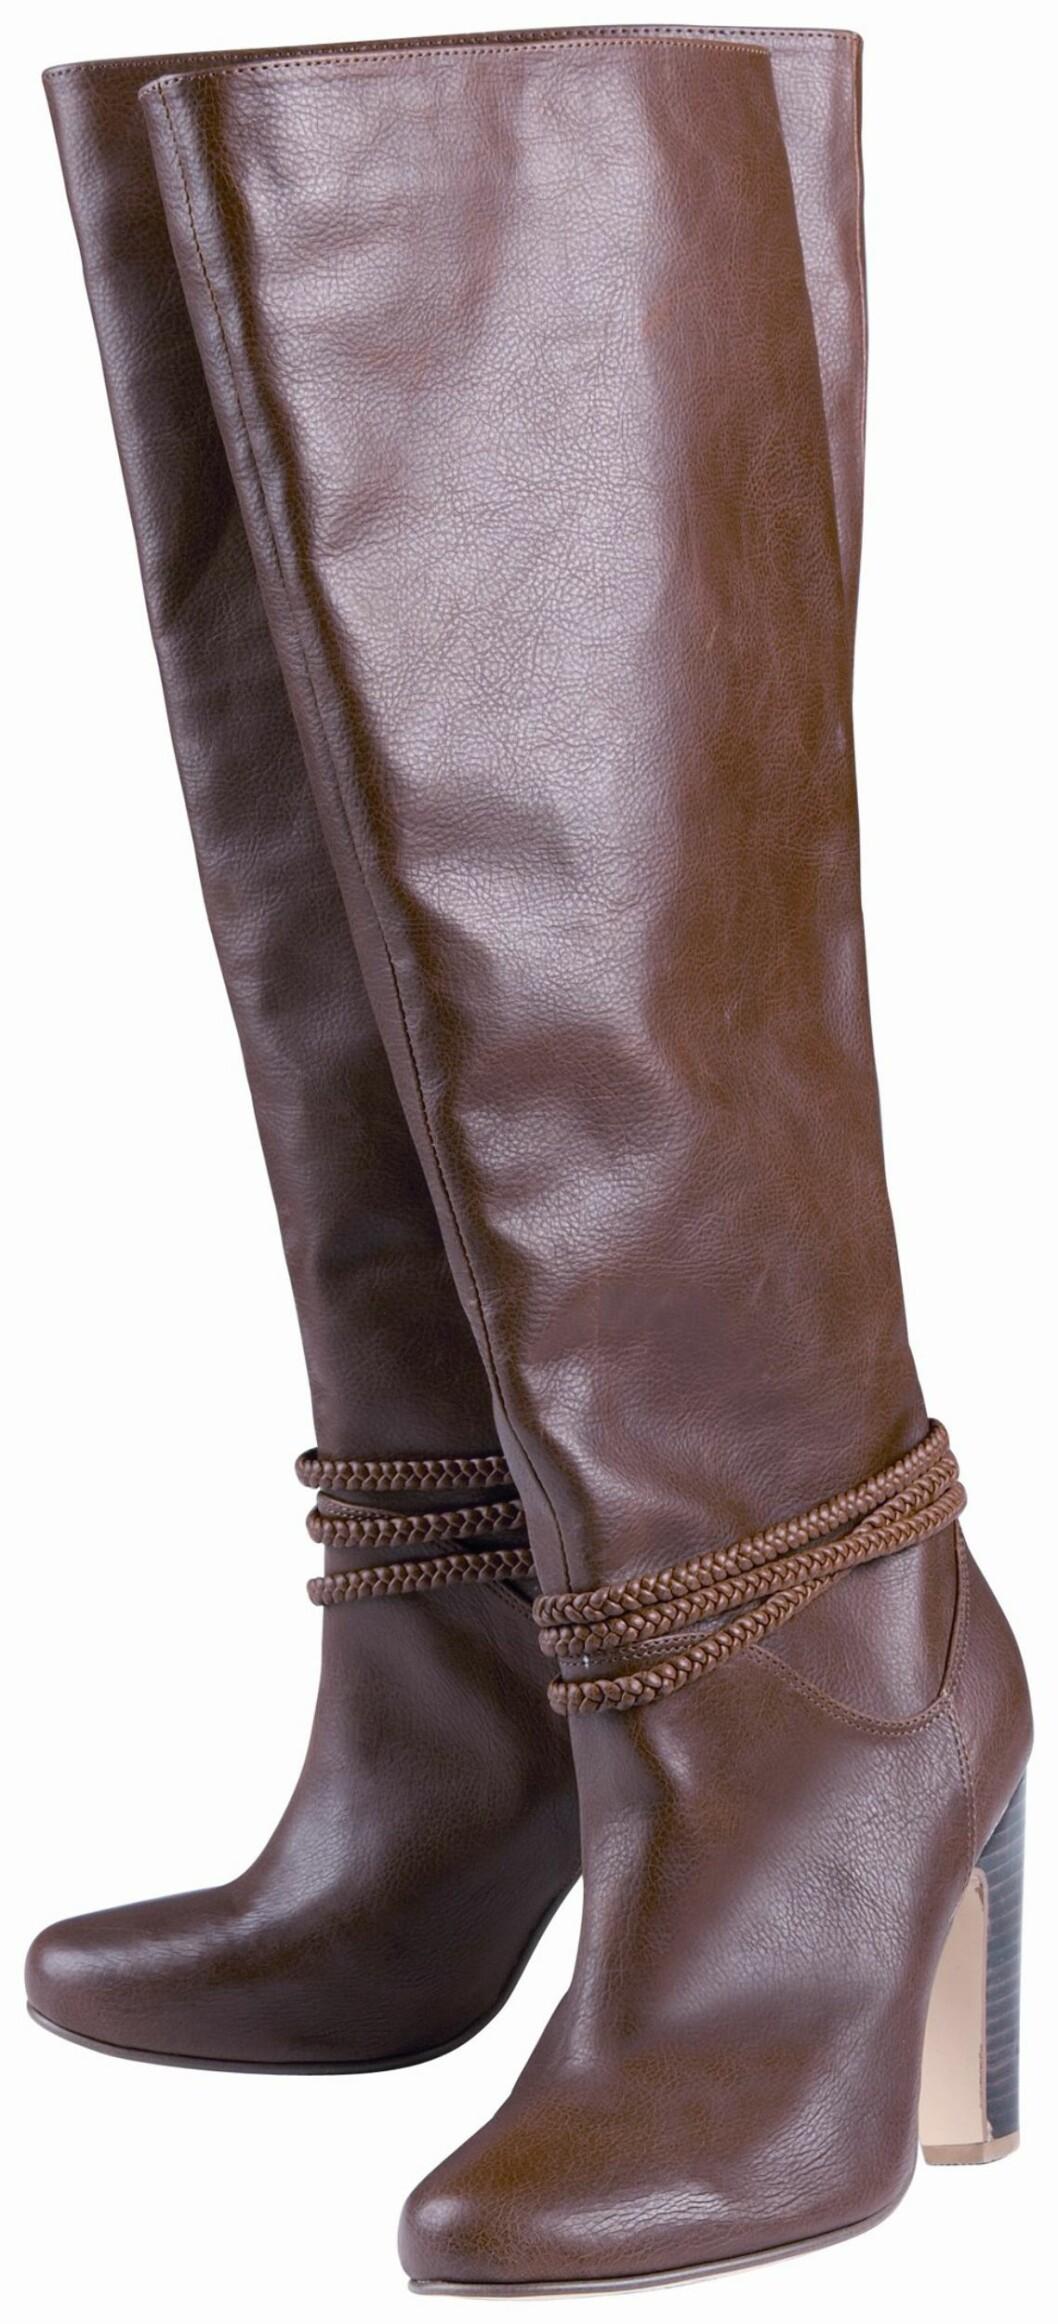 Lange brune støvletter med flettedetaljer (kr 500, H&M).